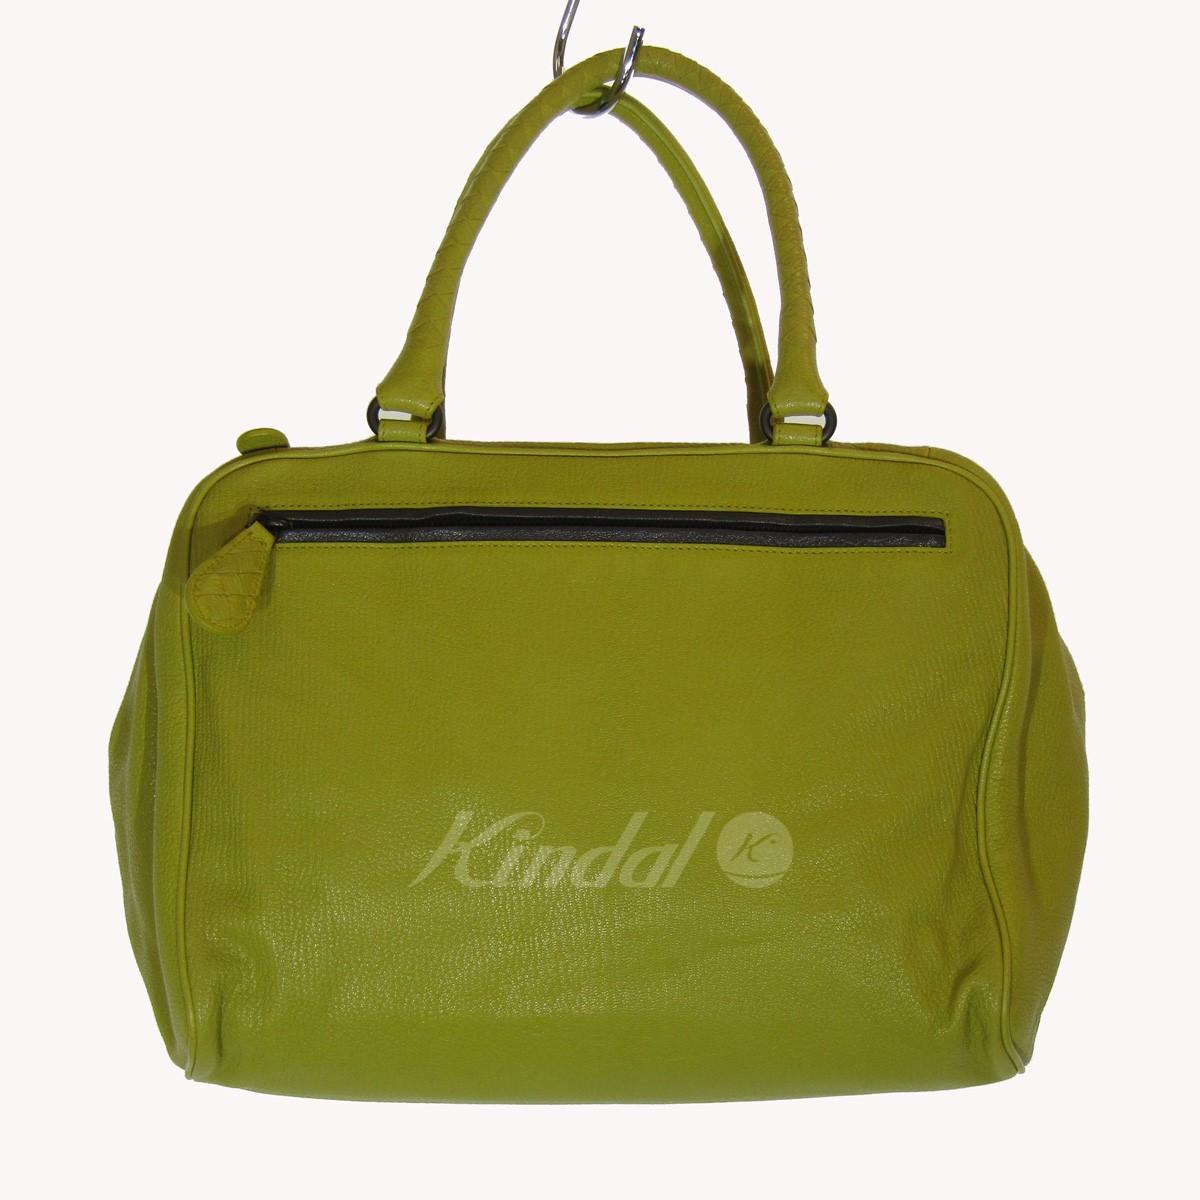 【中古】BOTTEGA VENETA レザートートバッグ 黄緑 サイズ:- 【160220】(ボッテガヴェネタ)